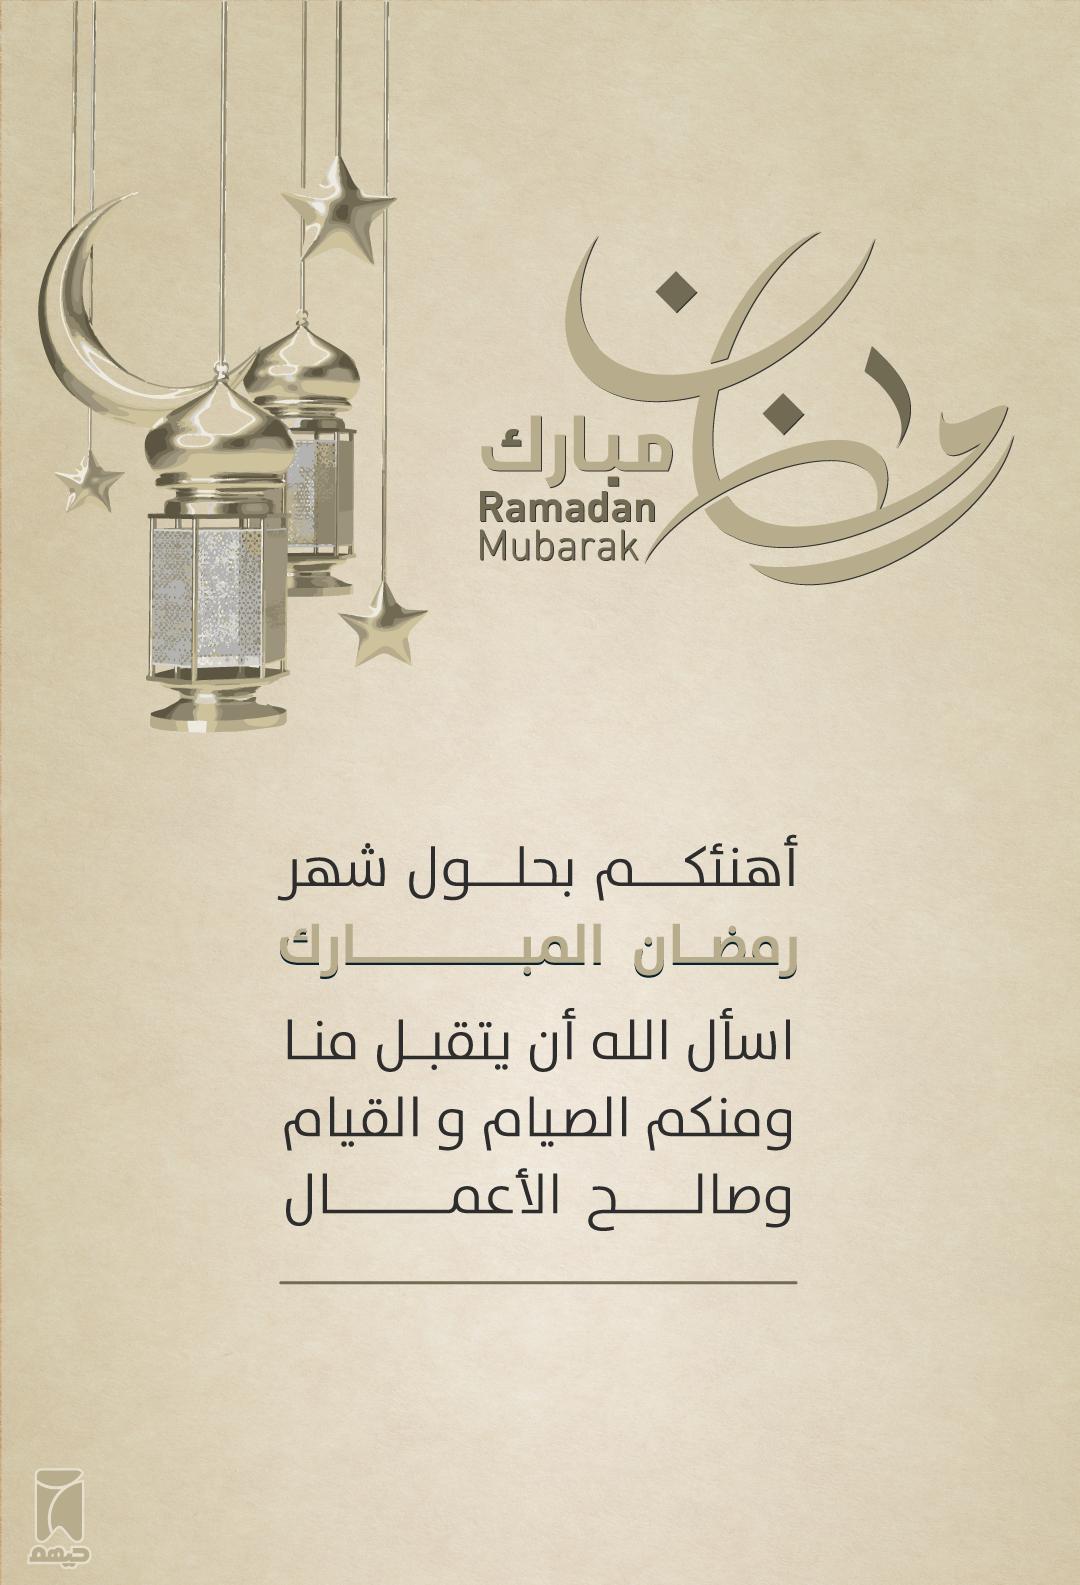 تهنئات - رمضان 8